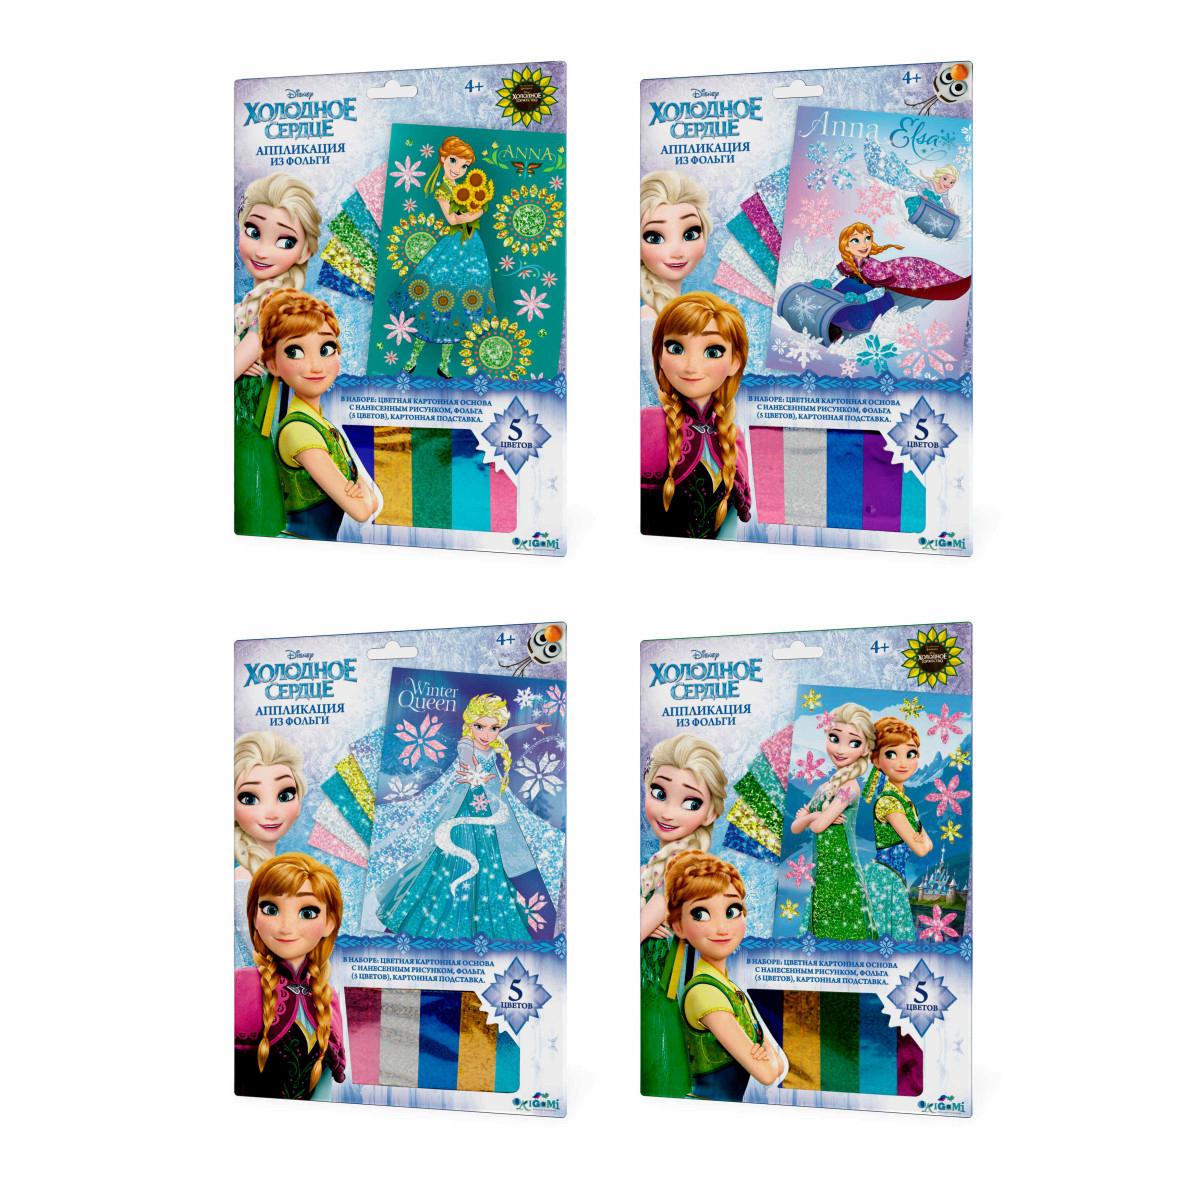 Чудо-Тв. Disney Frozen™. Аппликация из фольги Эльза и Анна 4 вида в асс-те. 21*30 см. Арт. 02387Набор для аппликаций Холодное сердце из серии Disney от компании Origami позволит ребенку самостоятельно изготавливать аппликации с изображением героев мультфильма из разноцветной фольги. Набор включает в себя фольгу 5 разных цветов и цветную картонную основу с рисунком. Создание аппликаций оттачивает творческий потенциал детей, развивая цветовосприятие и усидчивость.<br>